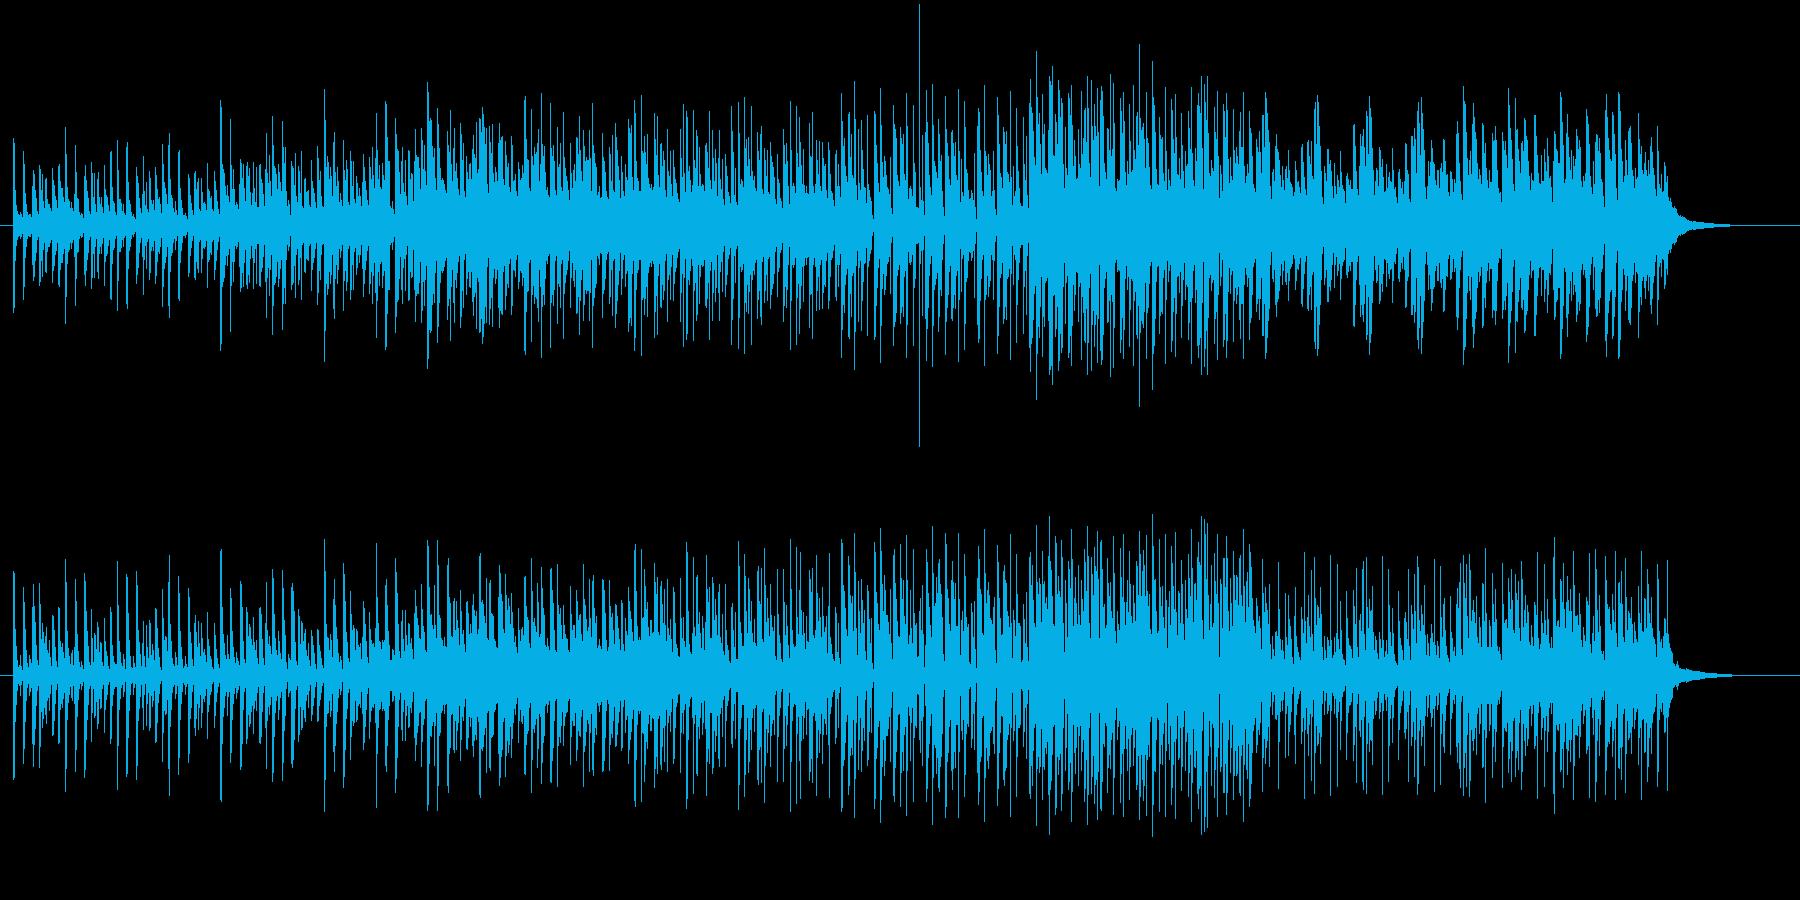 化学的な雰囲気の無機質なの再生済みの波形